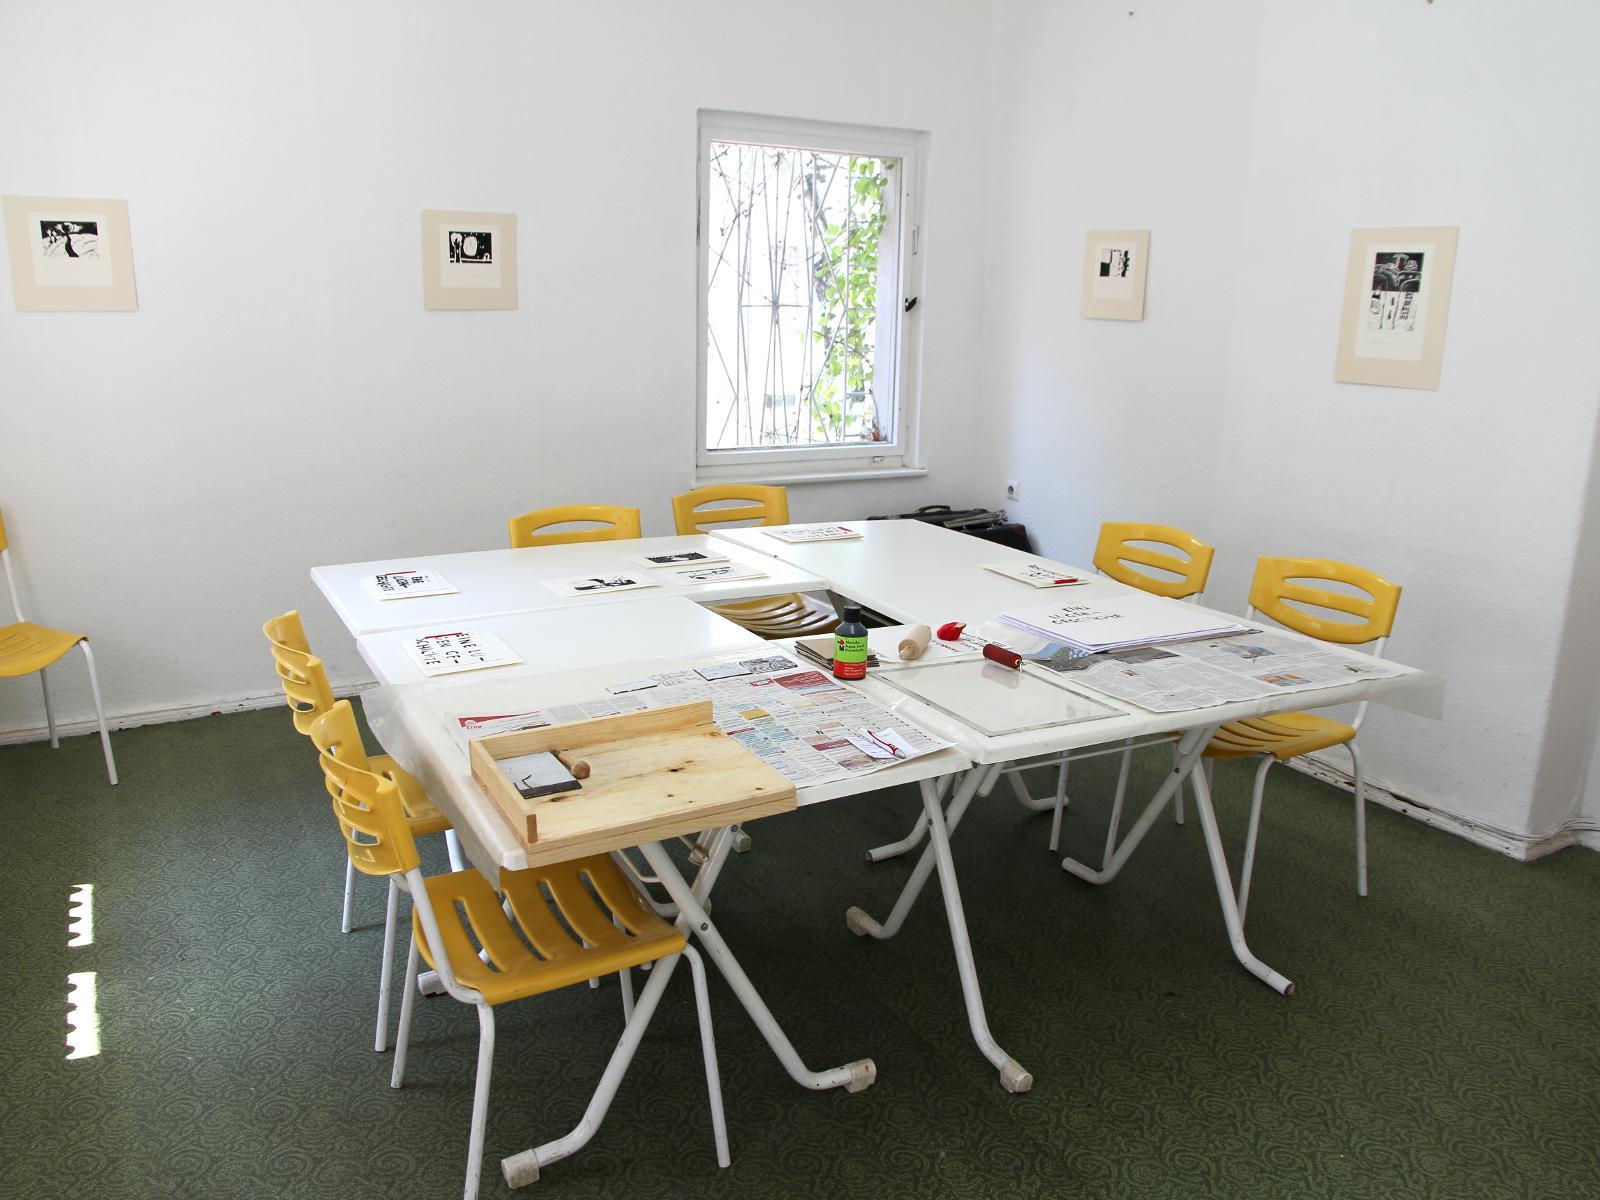 Kunstgespuer Atelierraum